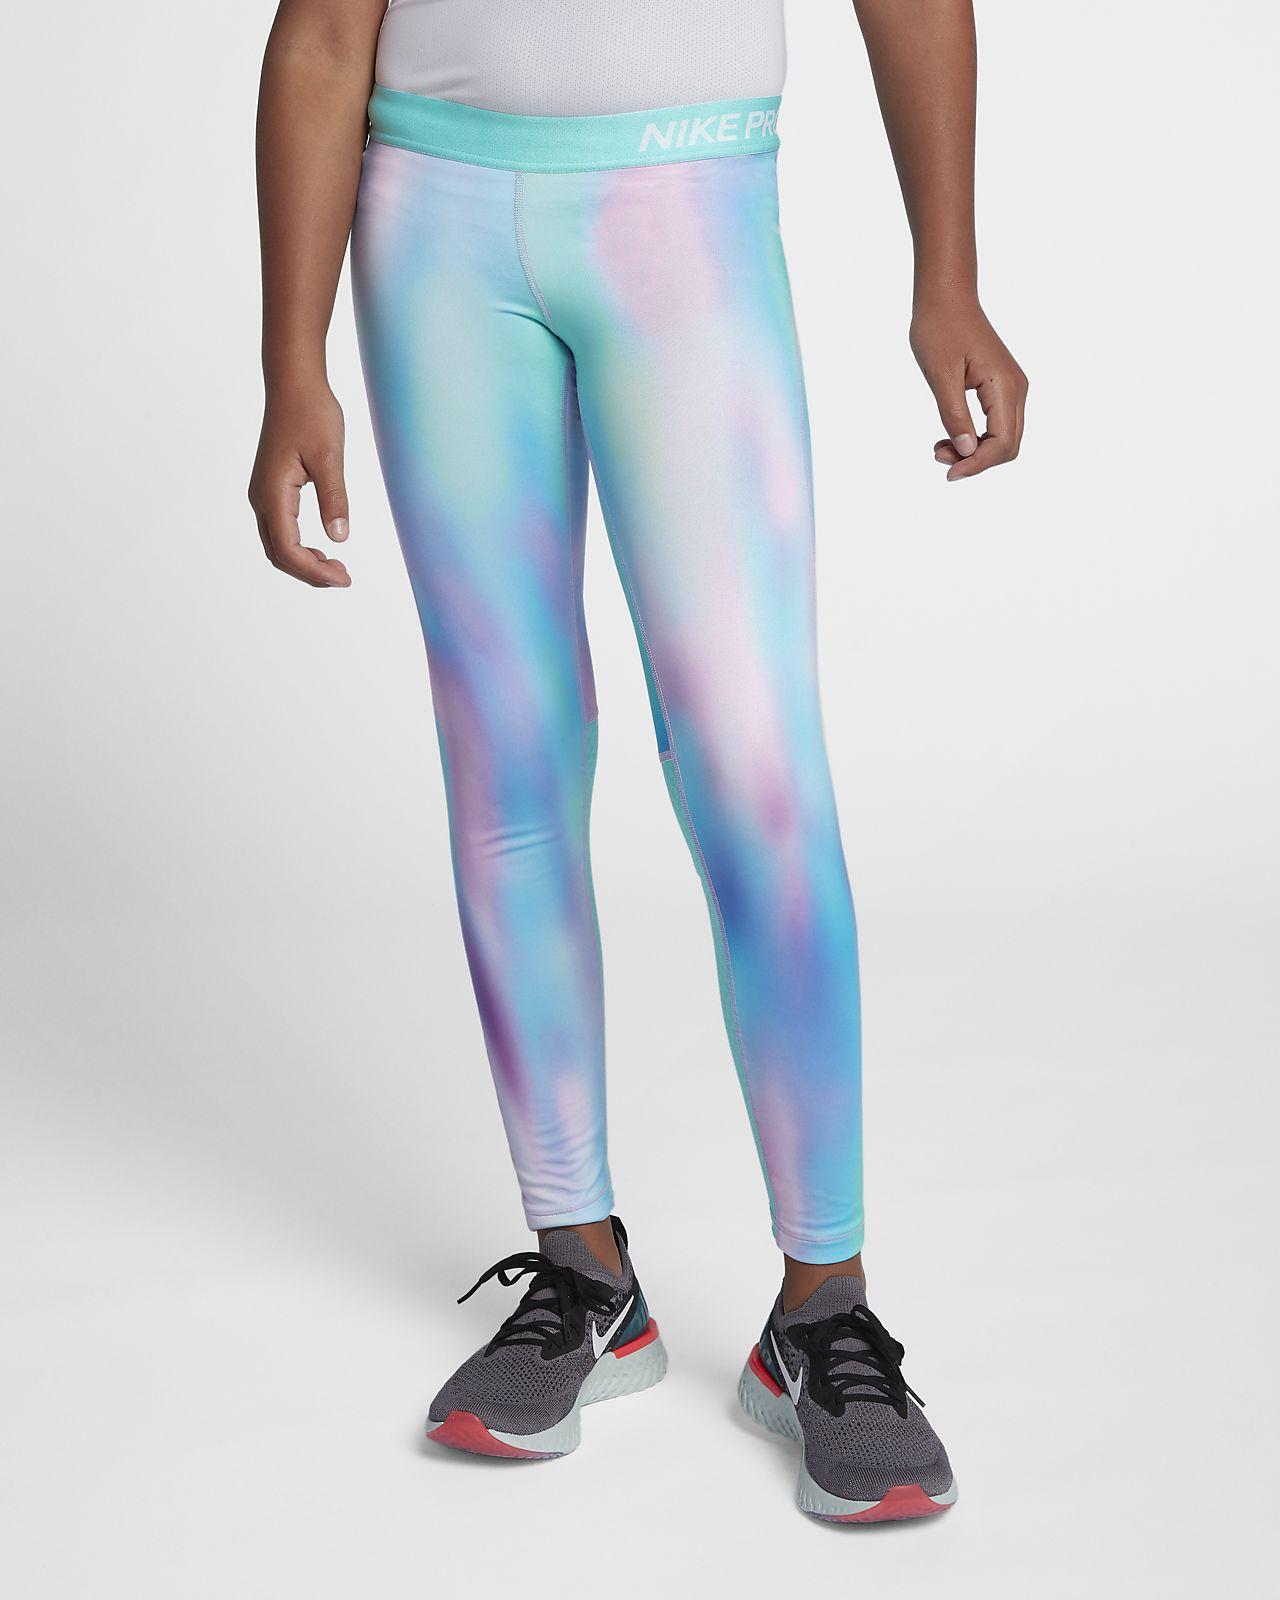 48aacbf707 Nike Pro Warm mintás, testhezálló nadrág lányoknak. Nike.com HU